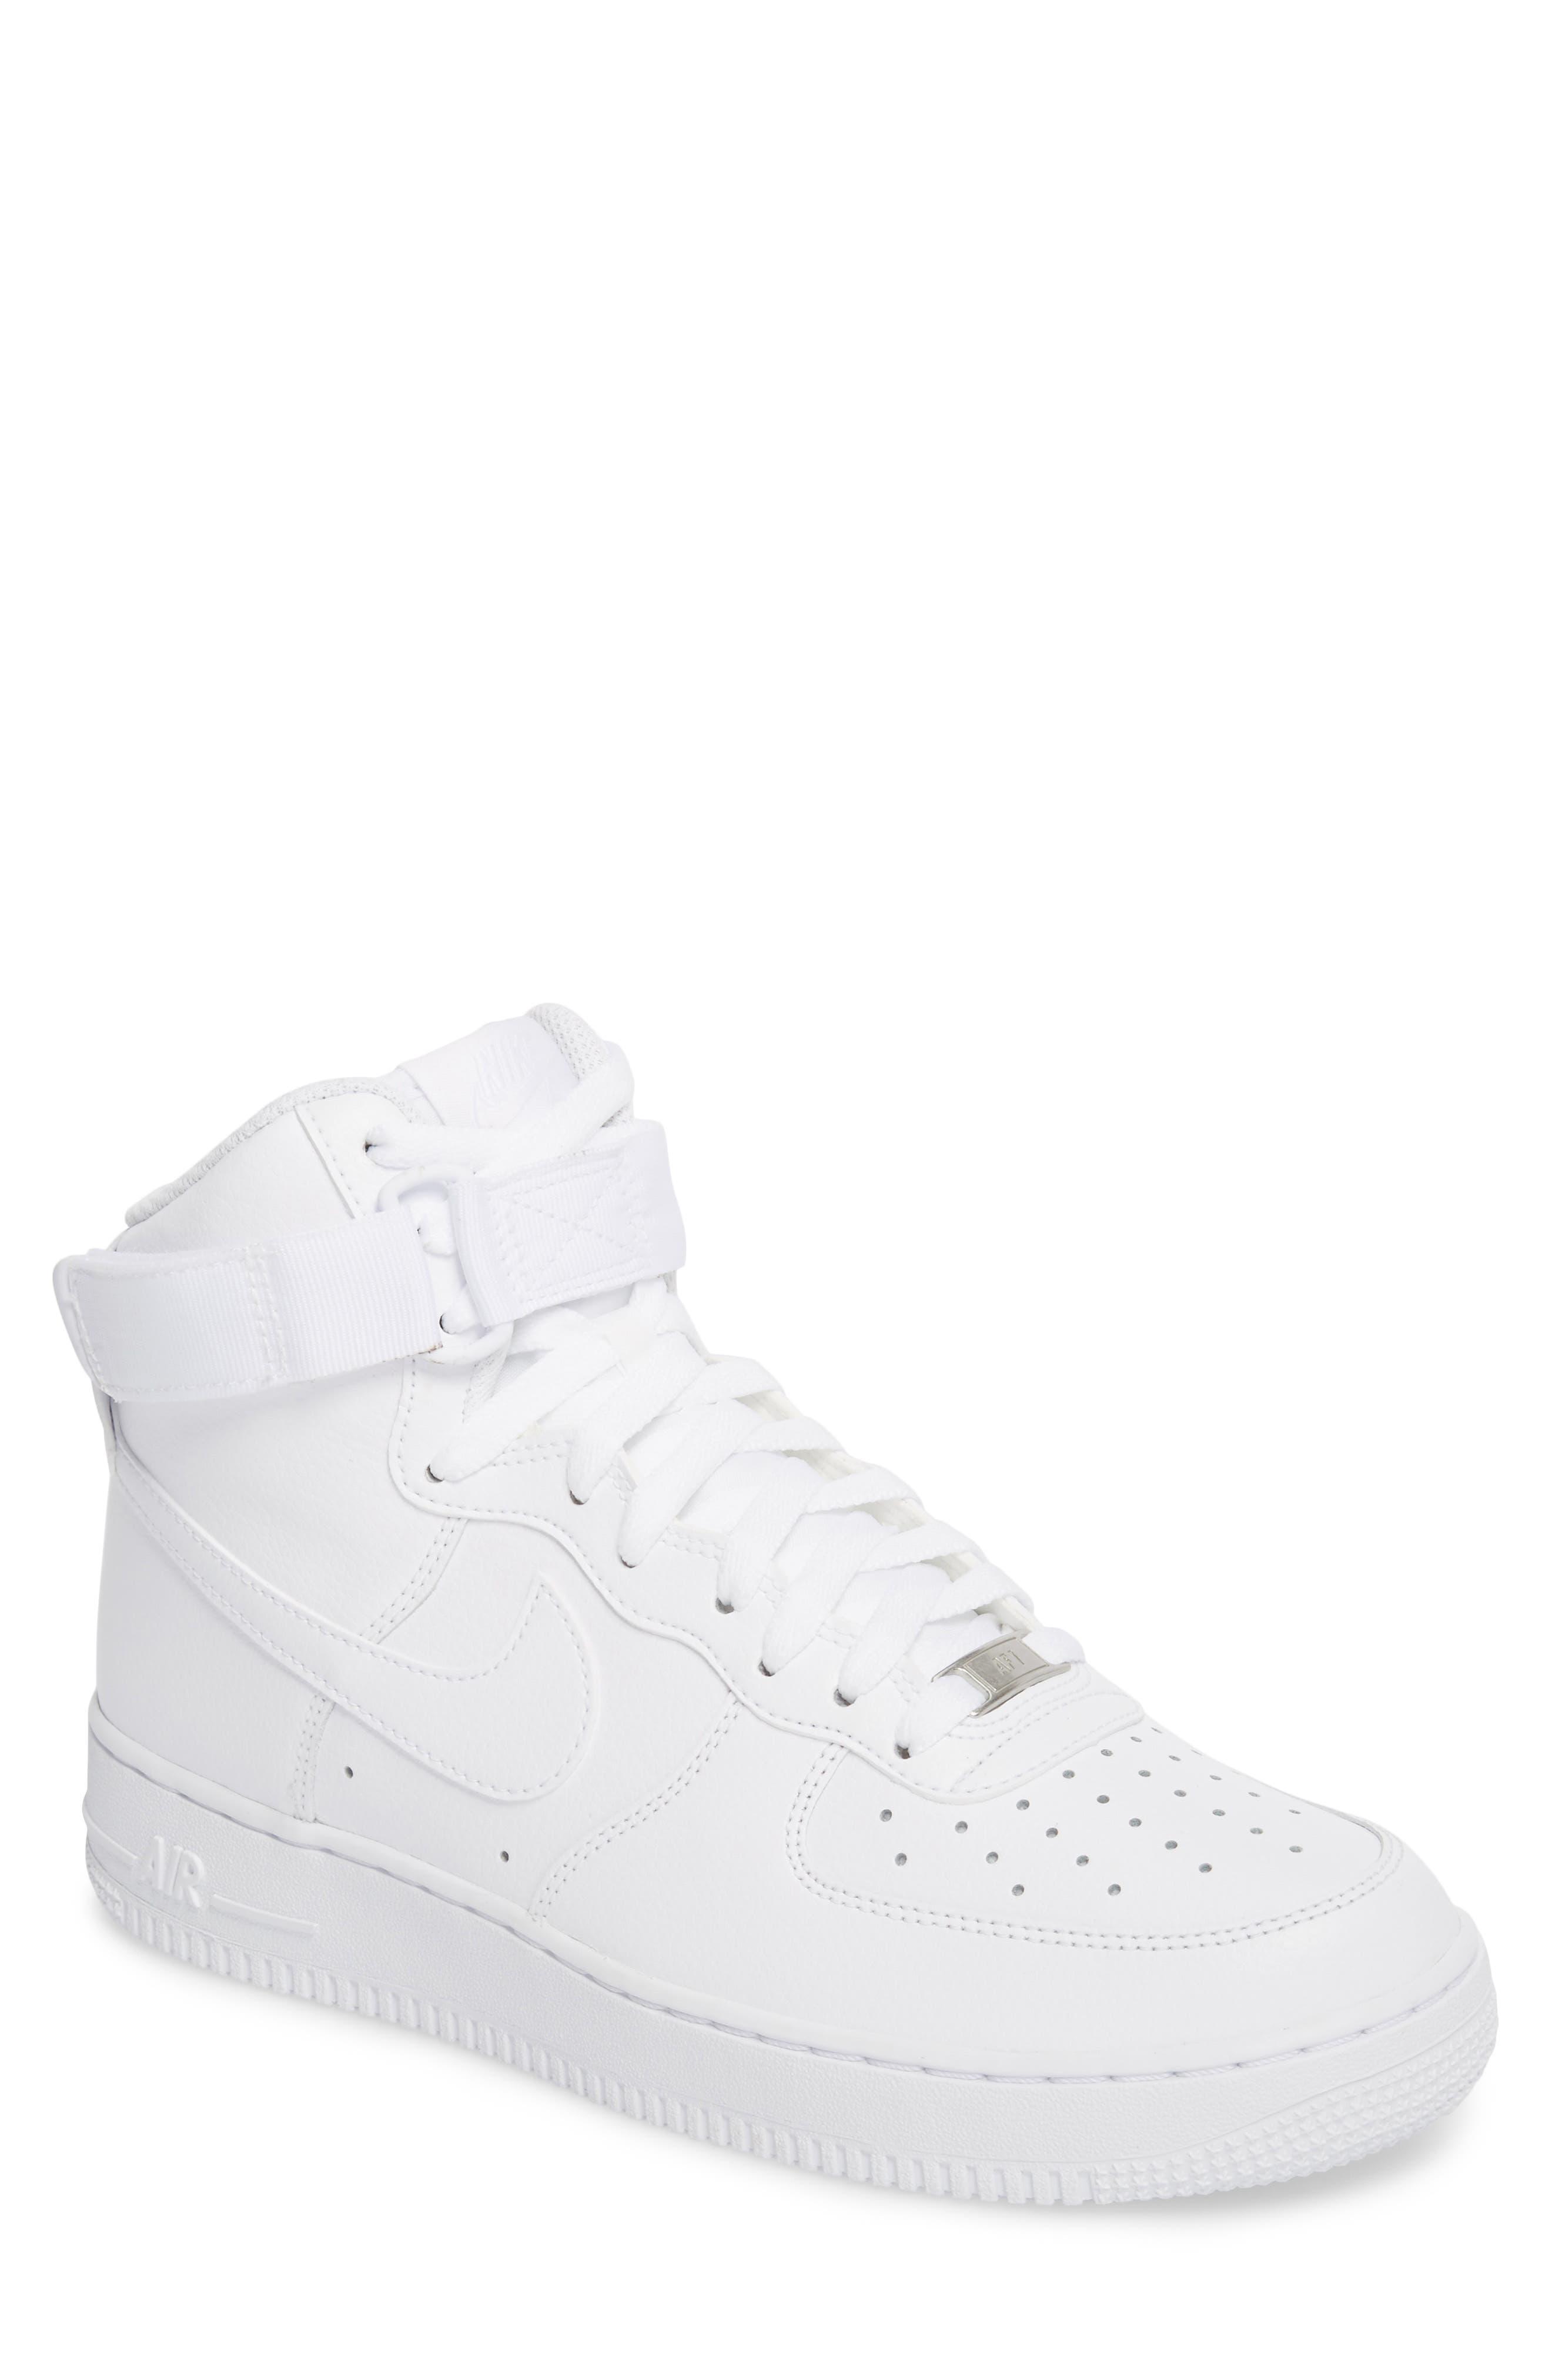 Alternate Image 1 Selected - Nike Air Force 1 High '07 Sneaker (Men)